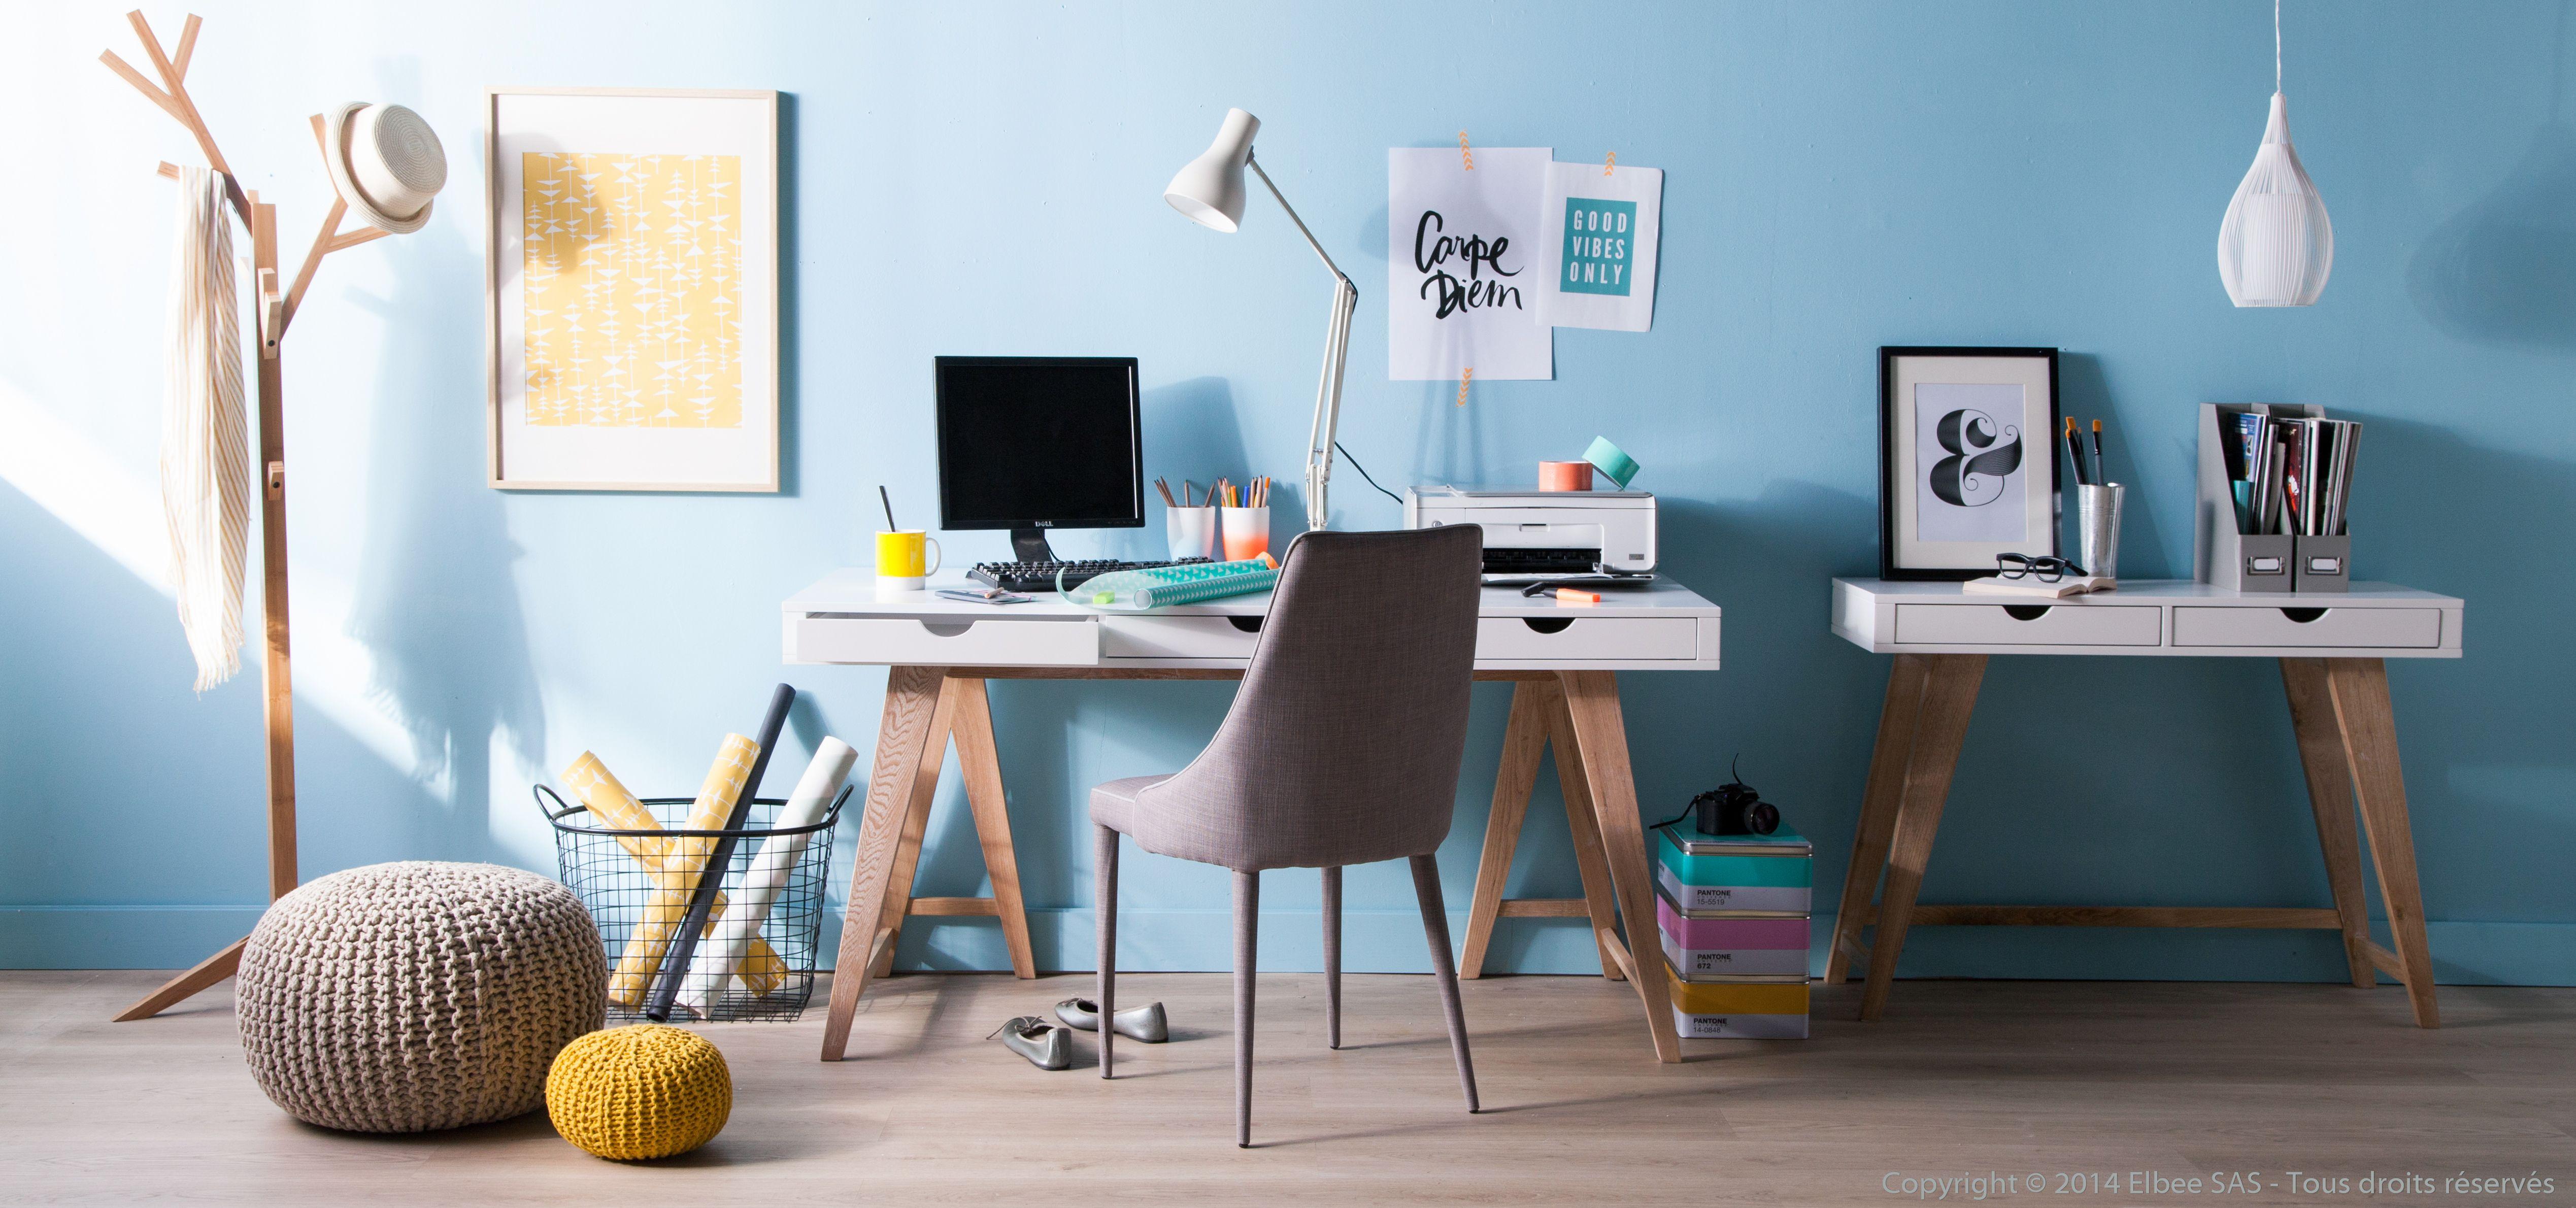 Inspiration pour le #bureau | -- Idées DECO Bureau | Pinterest ...